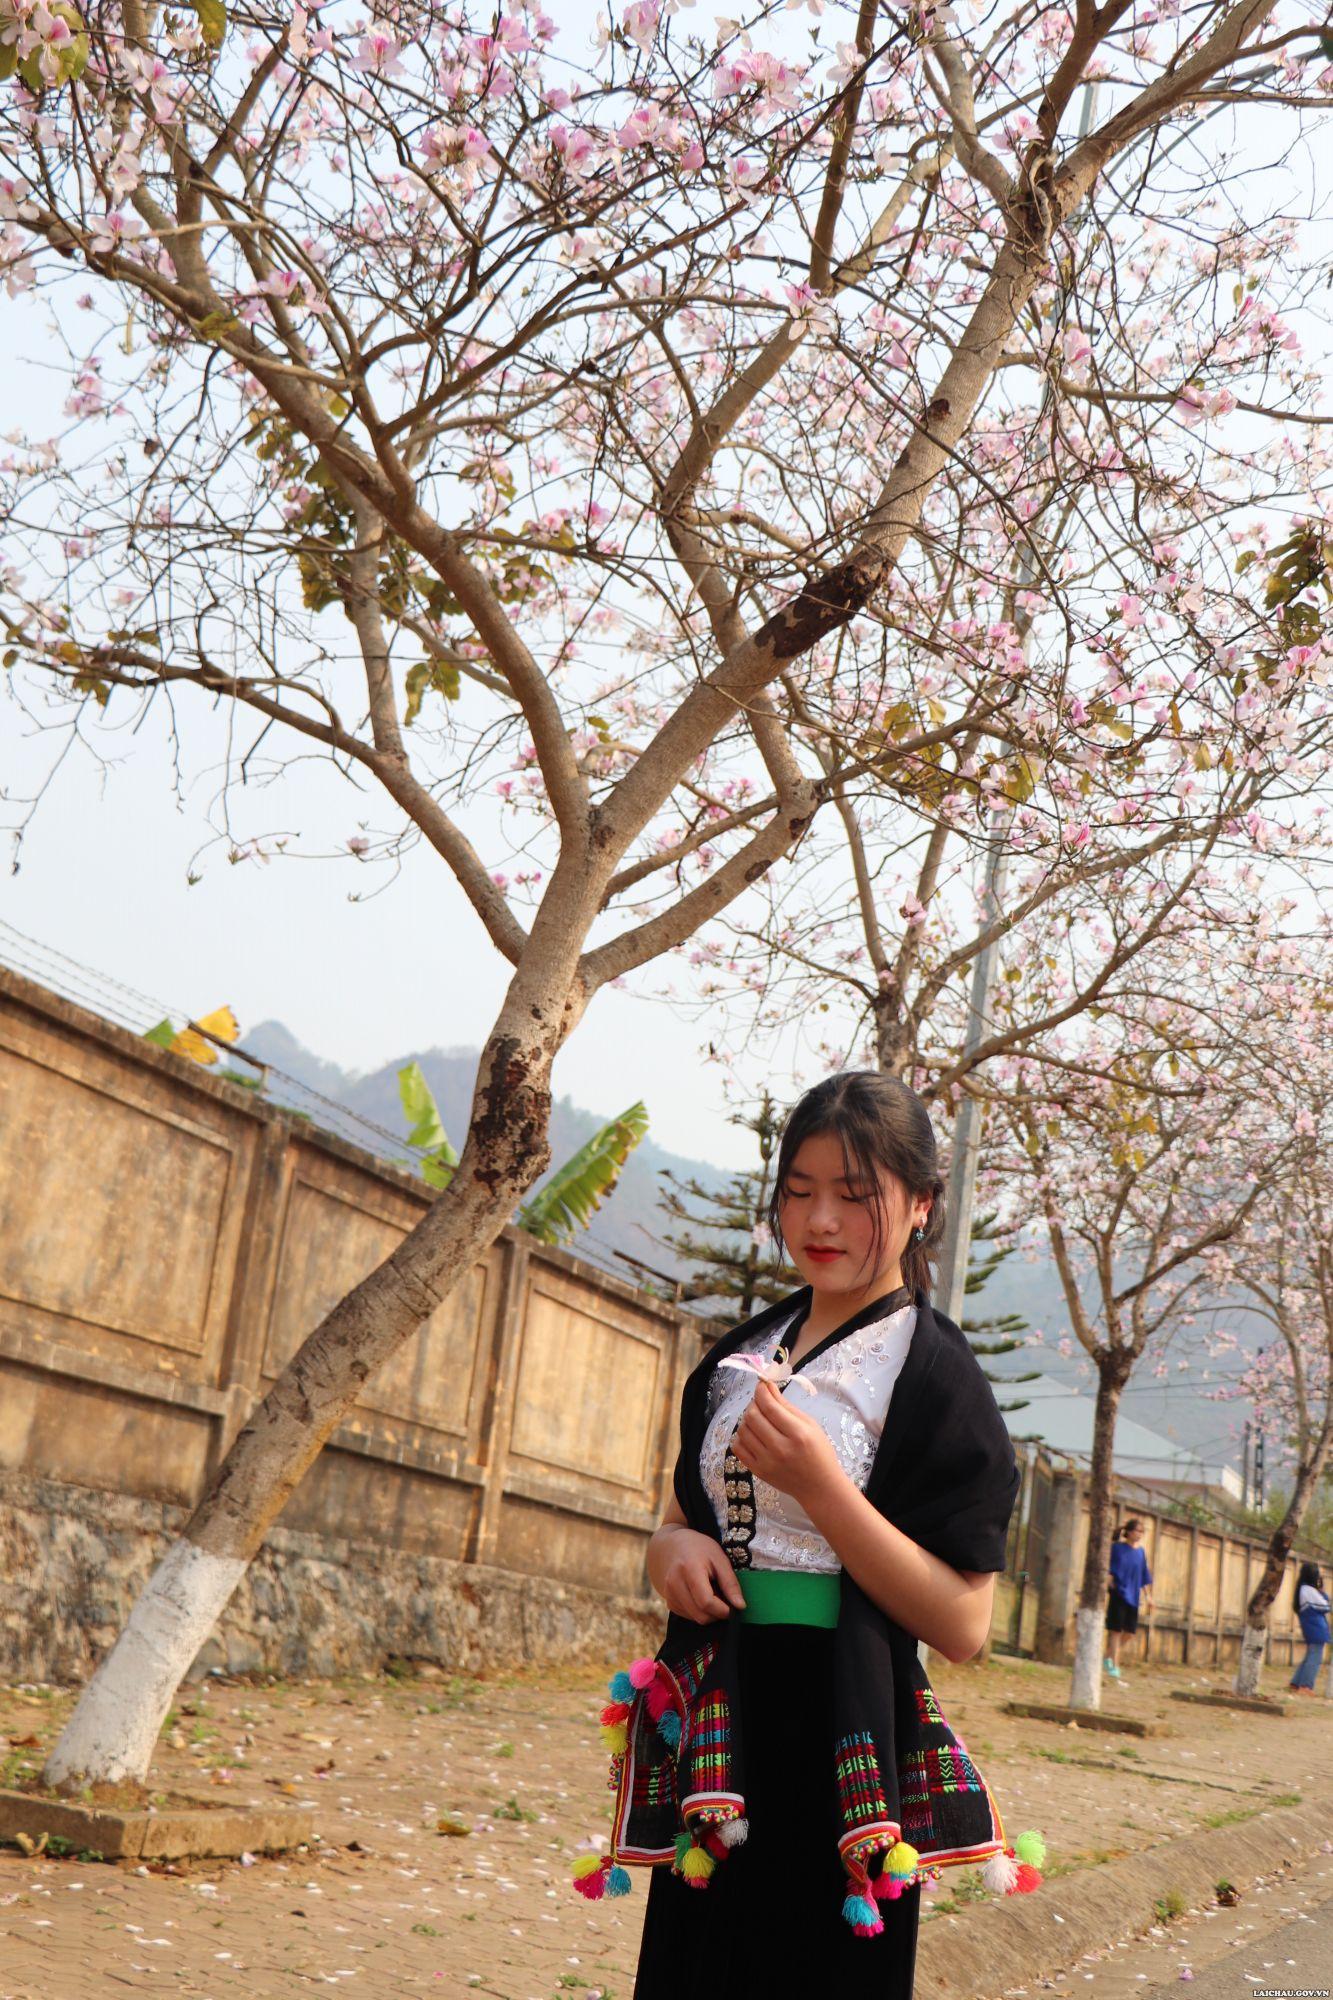 Em gái trong trang phục áo cóm của người dân tộc Thái duyên dáng cùng hoa ban